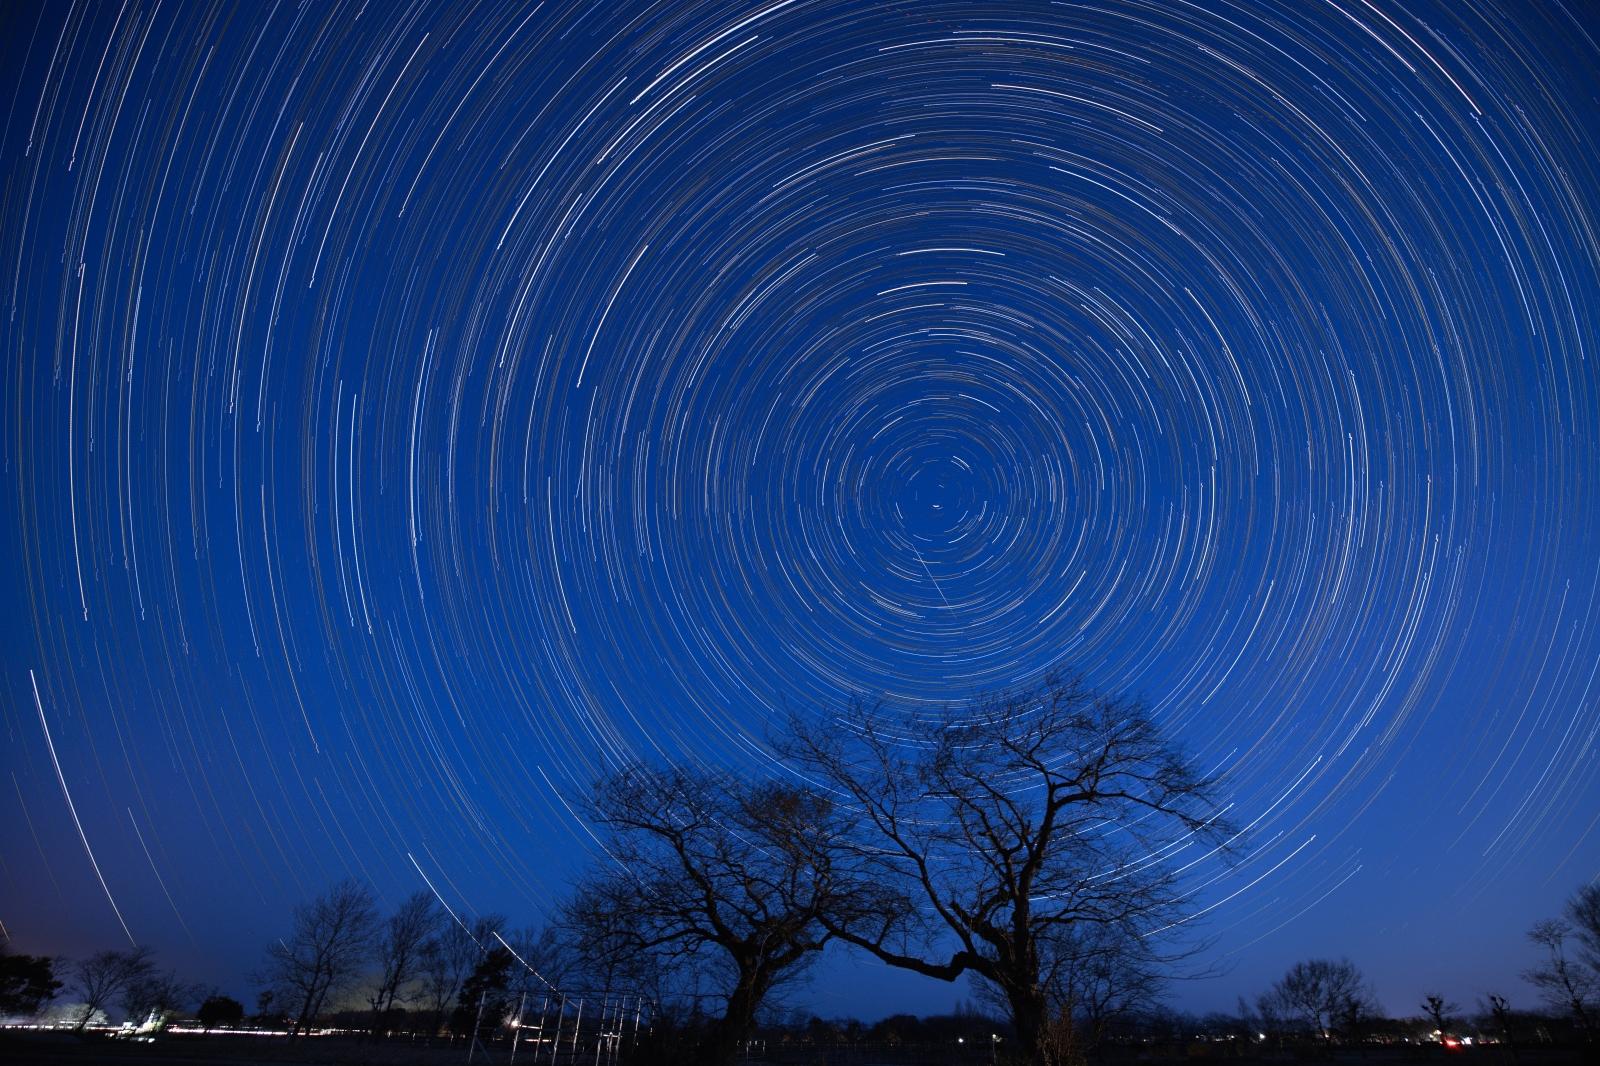 上堰潟公園 スタートレイル 星の軌跡